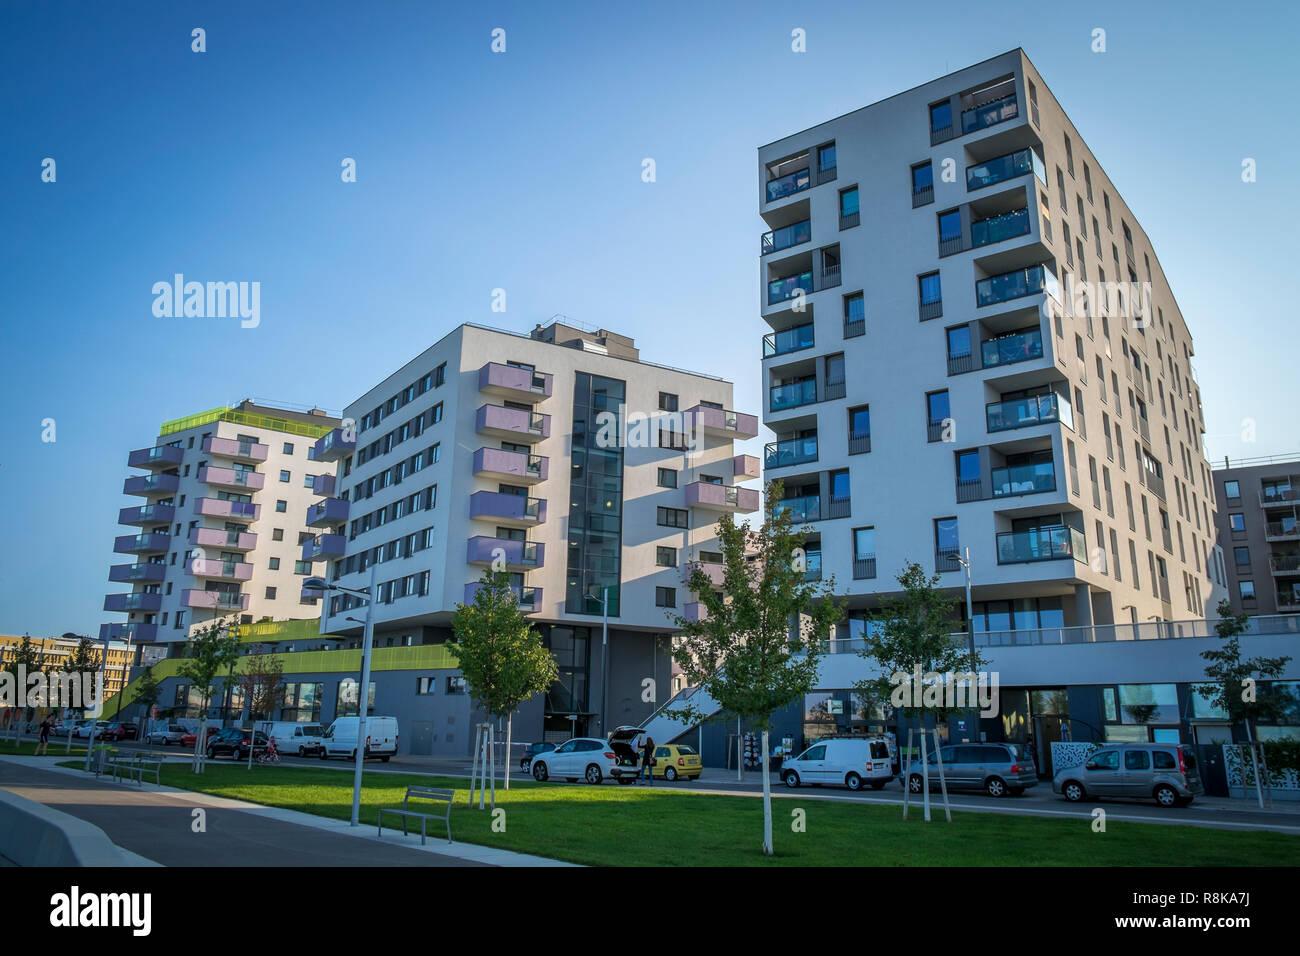 Aspern, Wien, Österreich - Stock Image